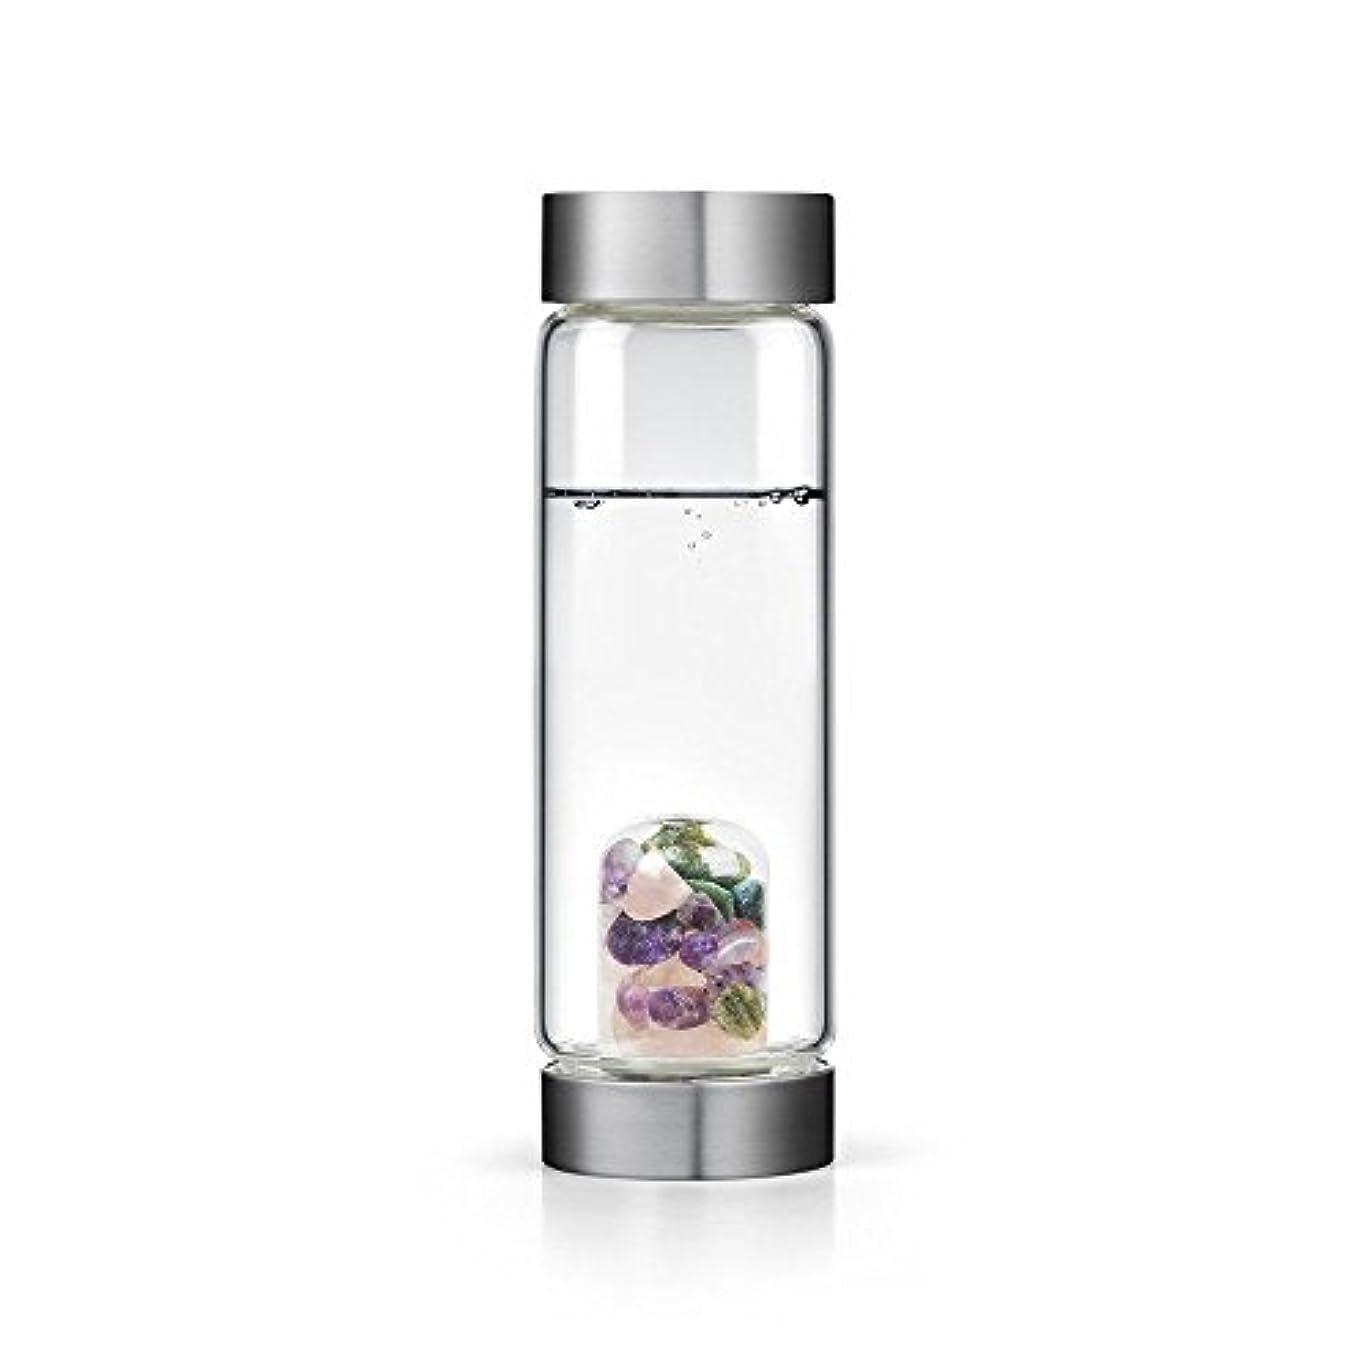 隔離残り物罪悪感Beauty gem-waterボトルby VitaJuwel W / Freeカリフォルニアホワイトセージバンドル 16.9 fl oz